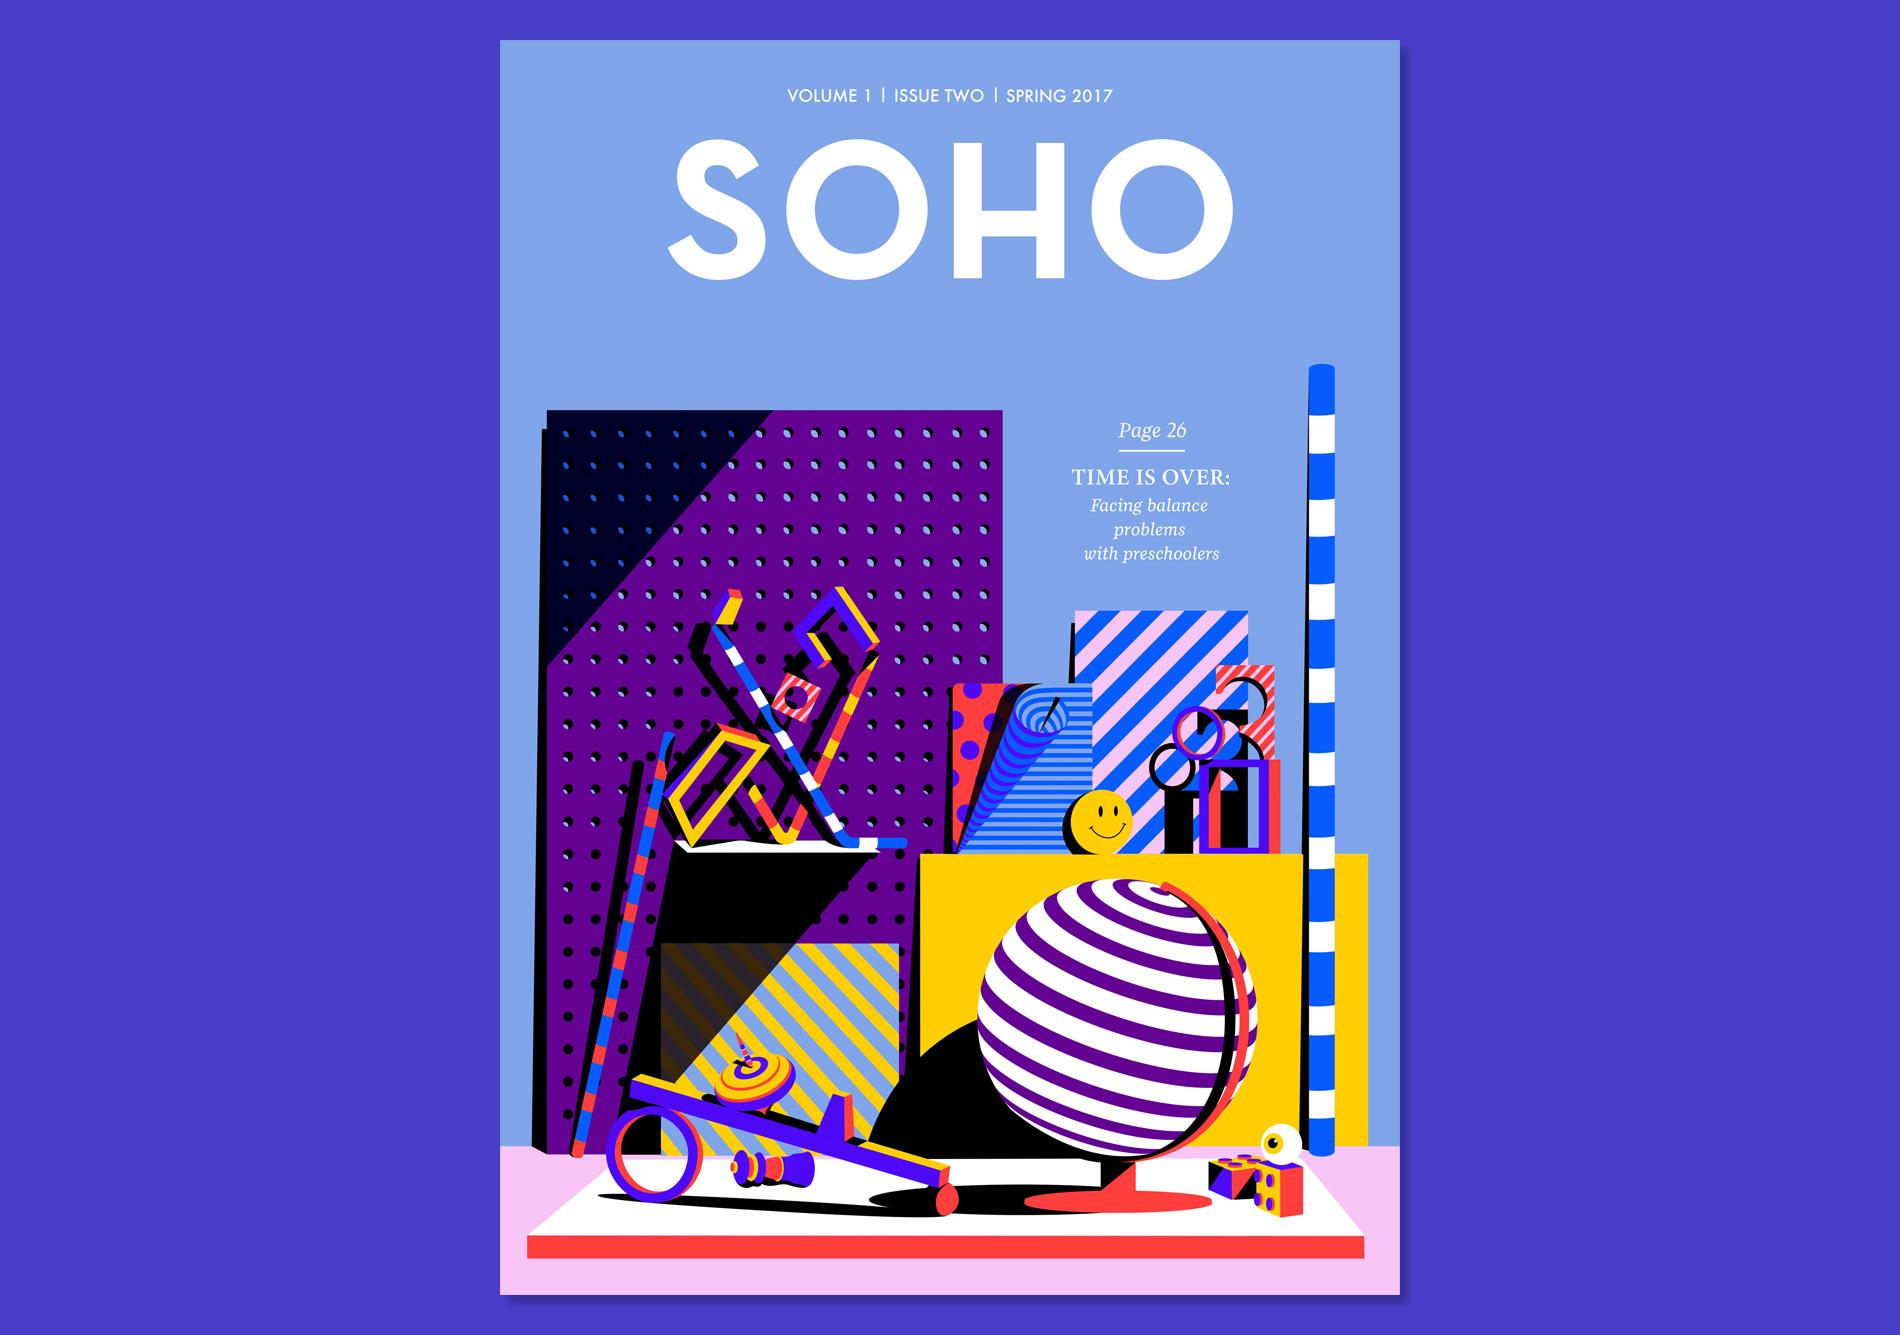 SOHO_FinalCoverShad